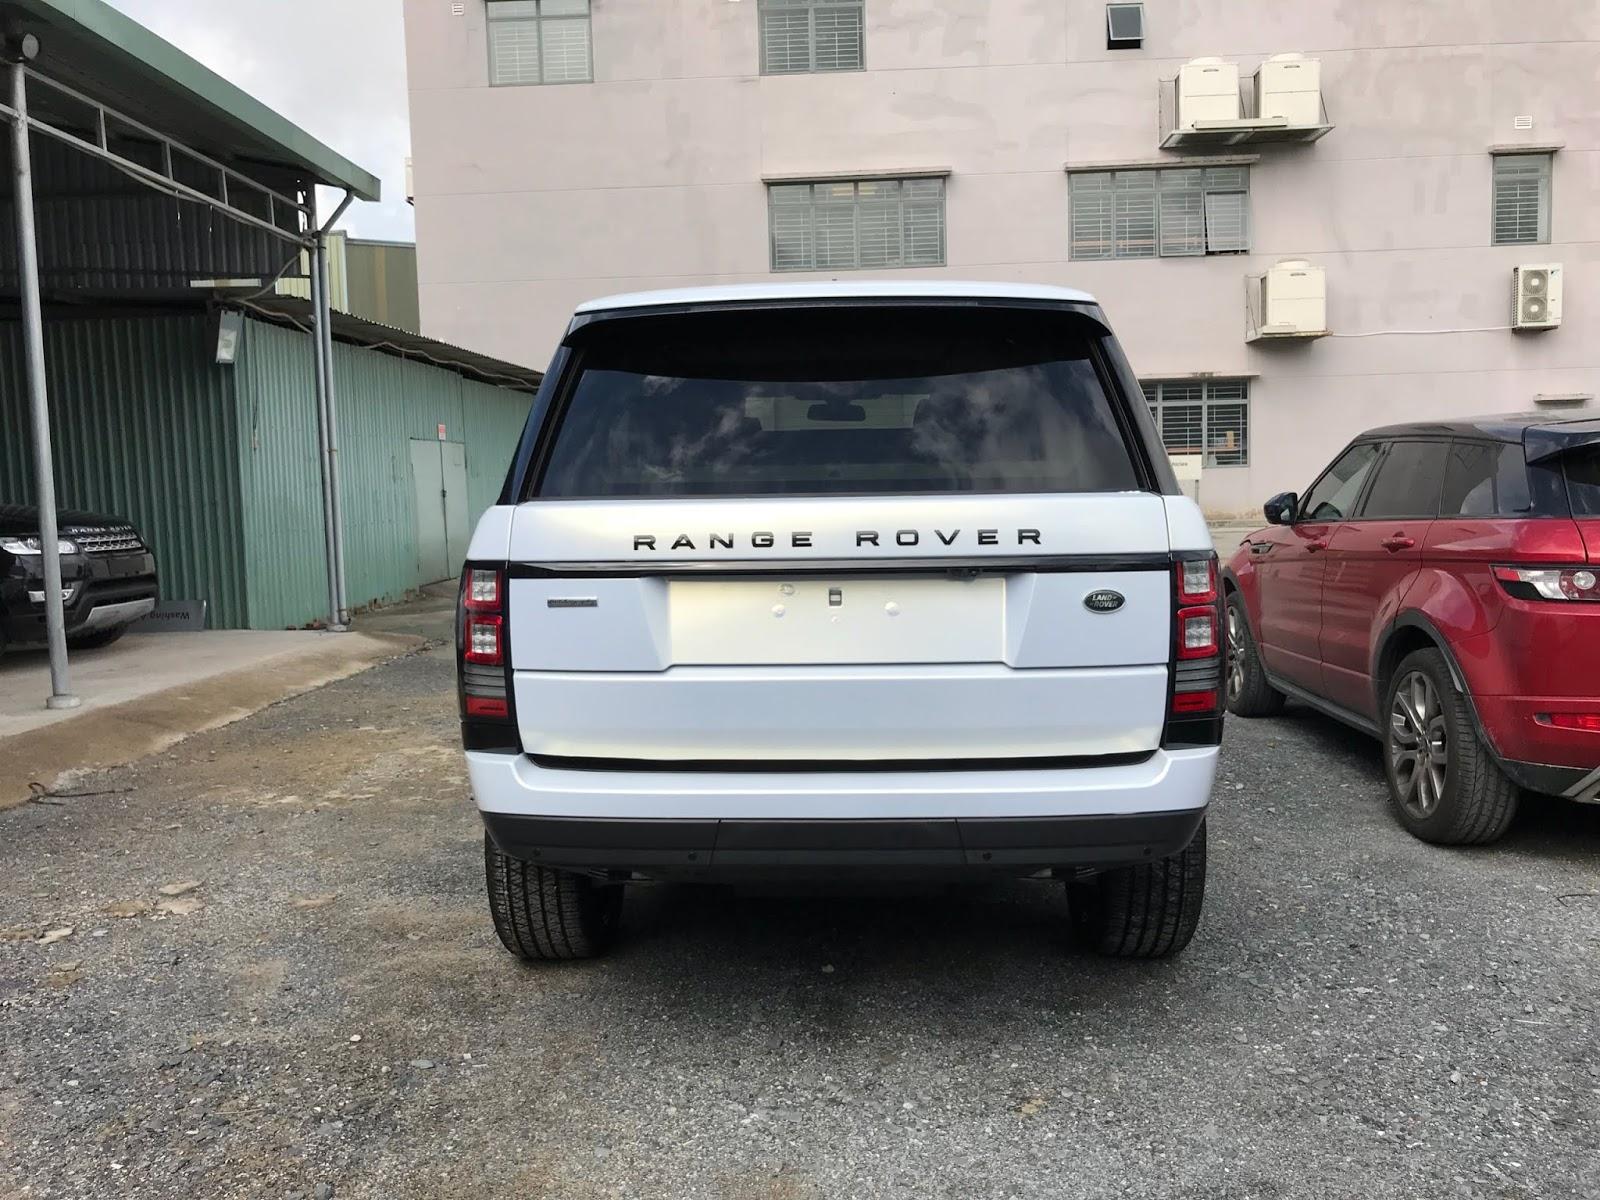 Hình Ảnh Xe Range Rover Autobiography Bản LWB Màu Trắng Mới Phiên Bản 4 ghế sang trong nhất của landrover. trưng bày tại quận 2